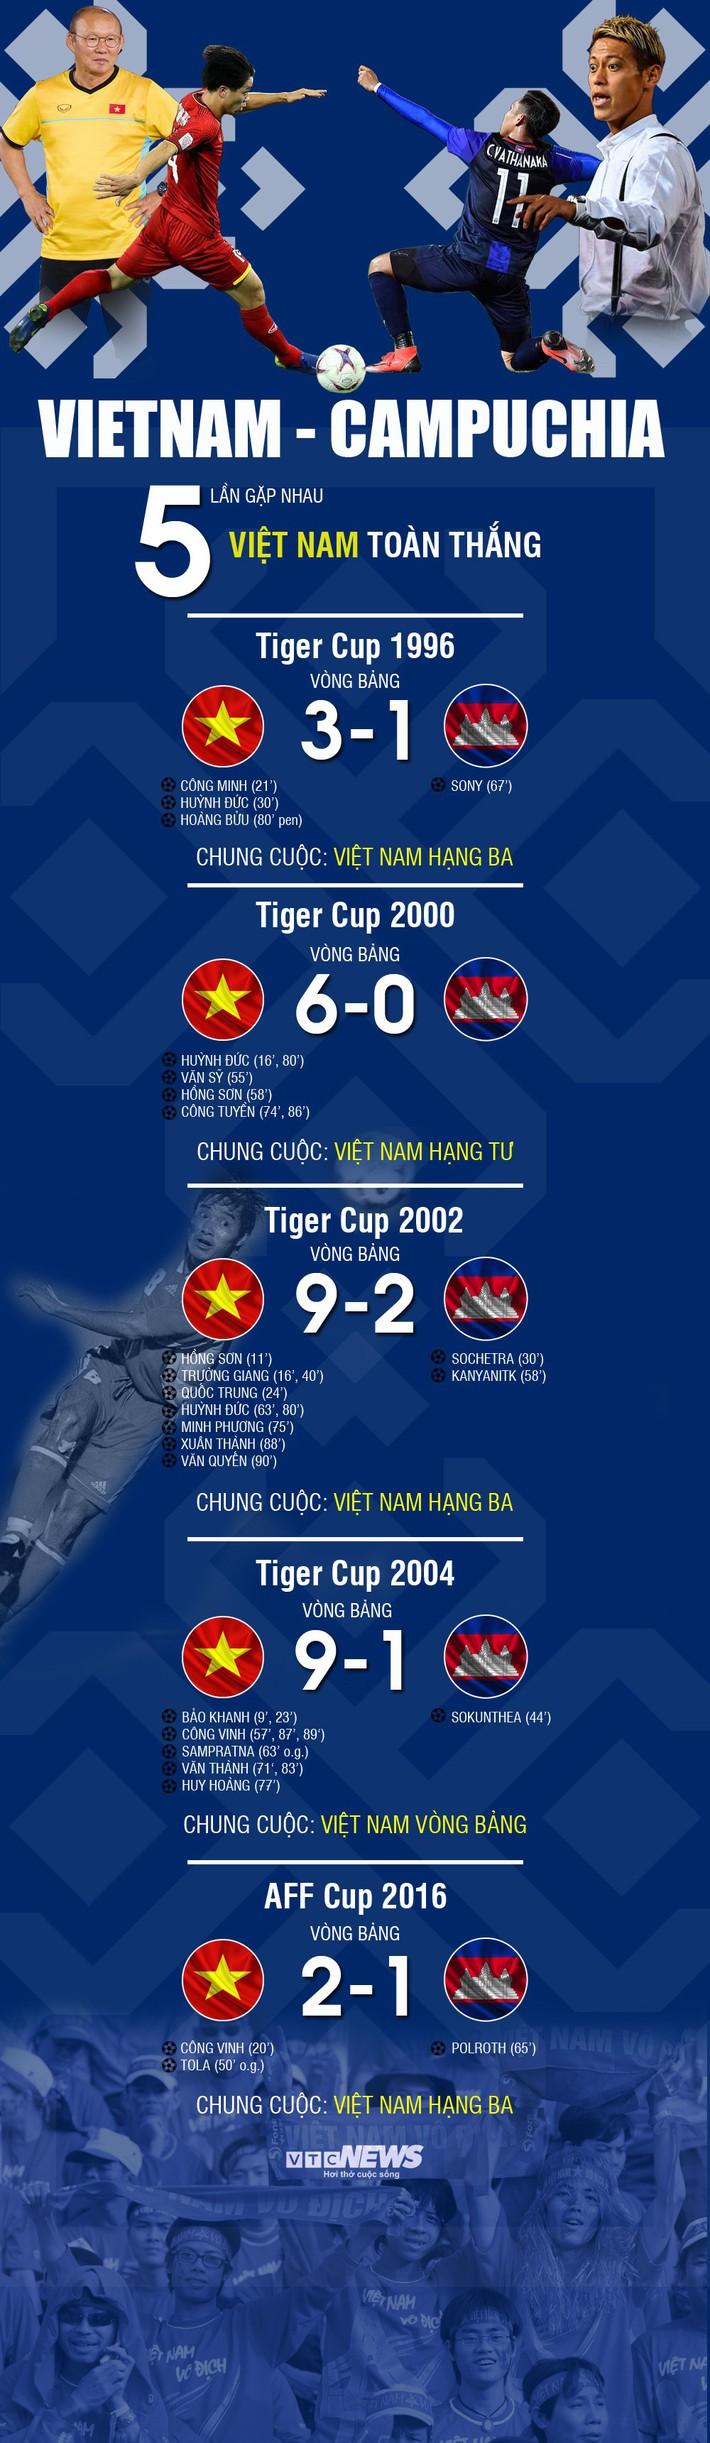 Infographic: Thống kê Việt Nam vs Campuchia khiến HLV Honda rùng mình - Ảnh 1.